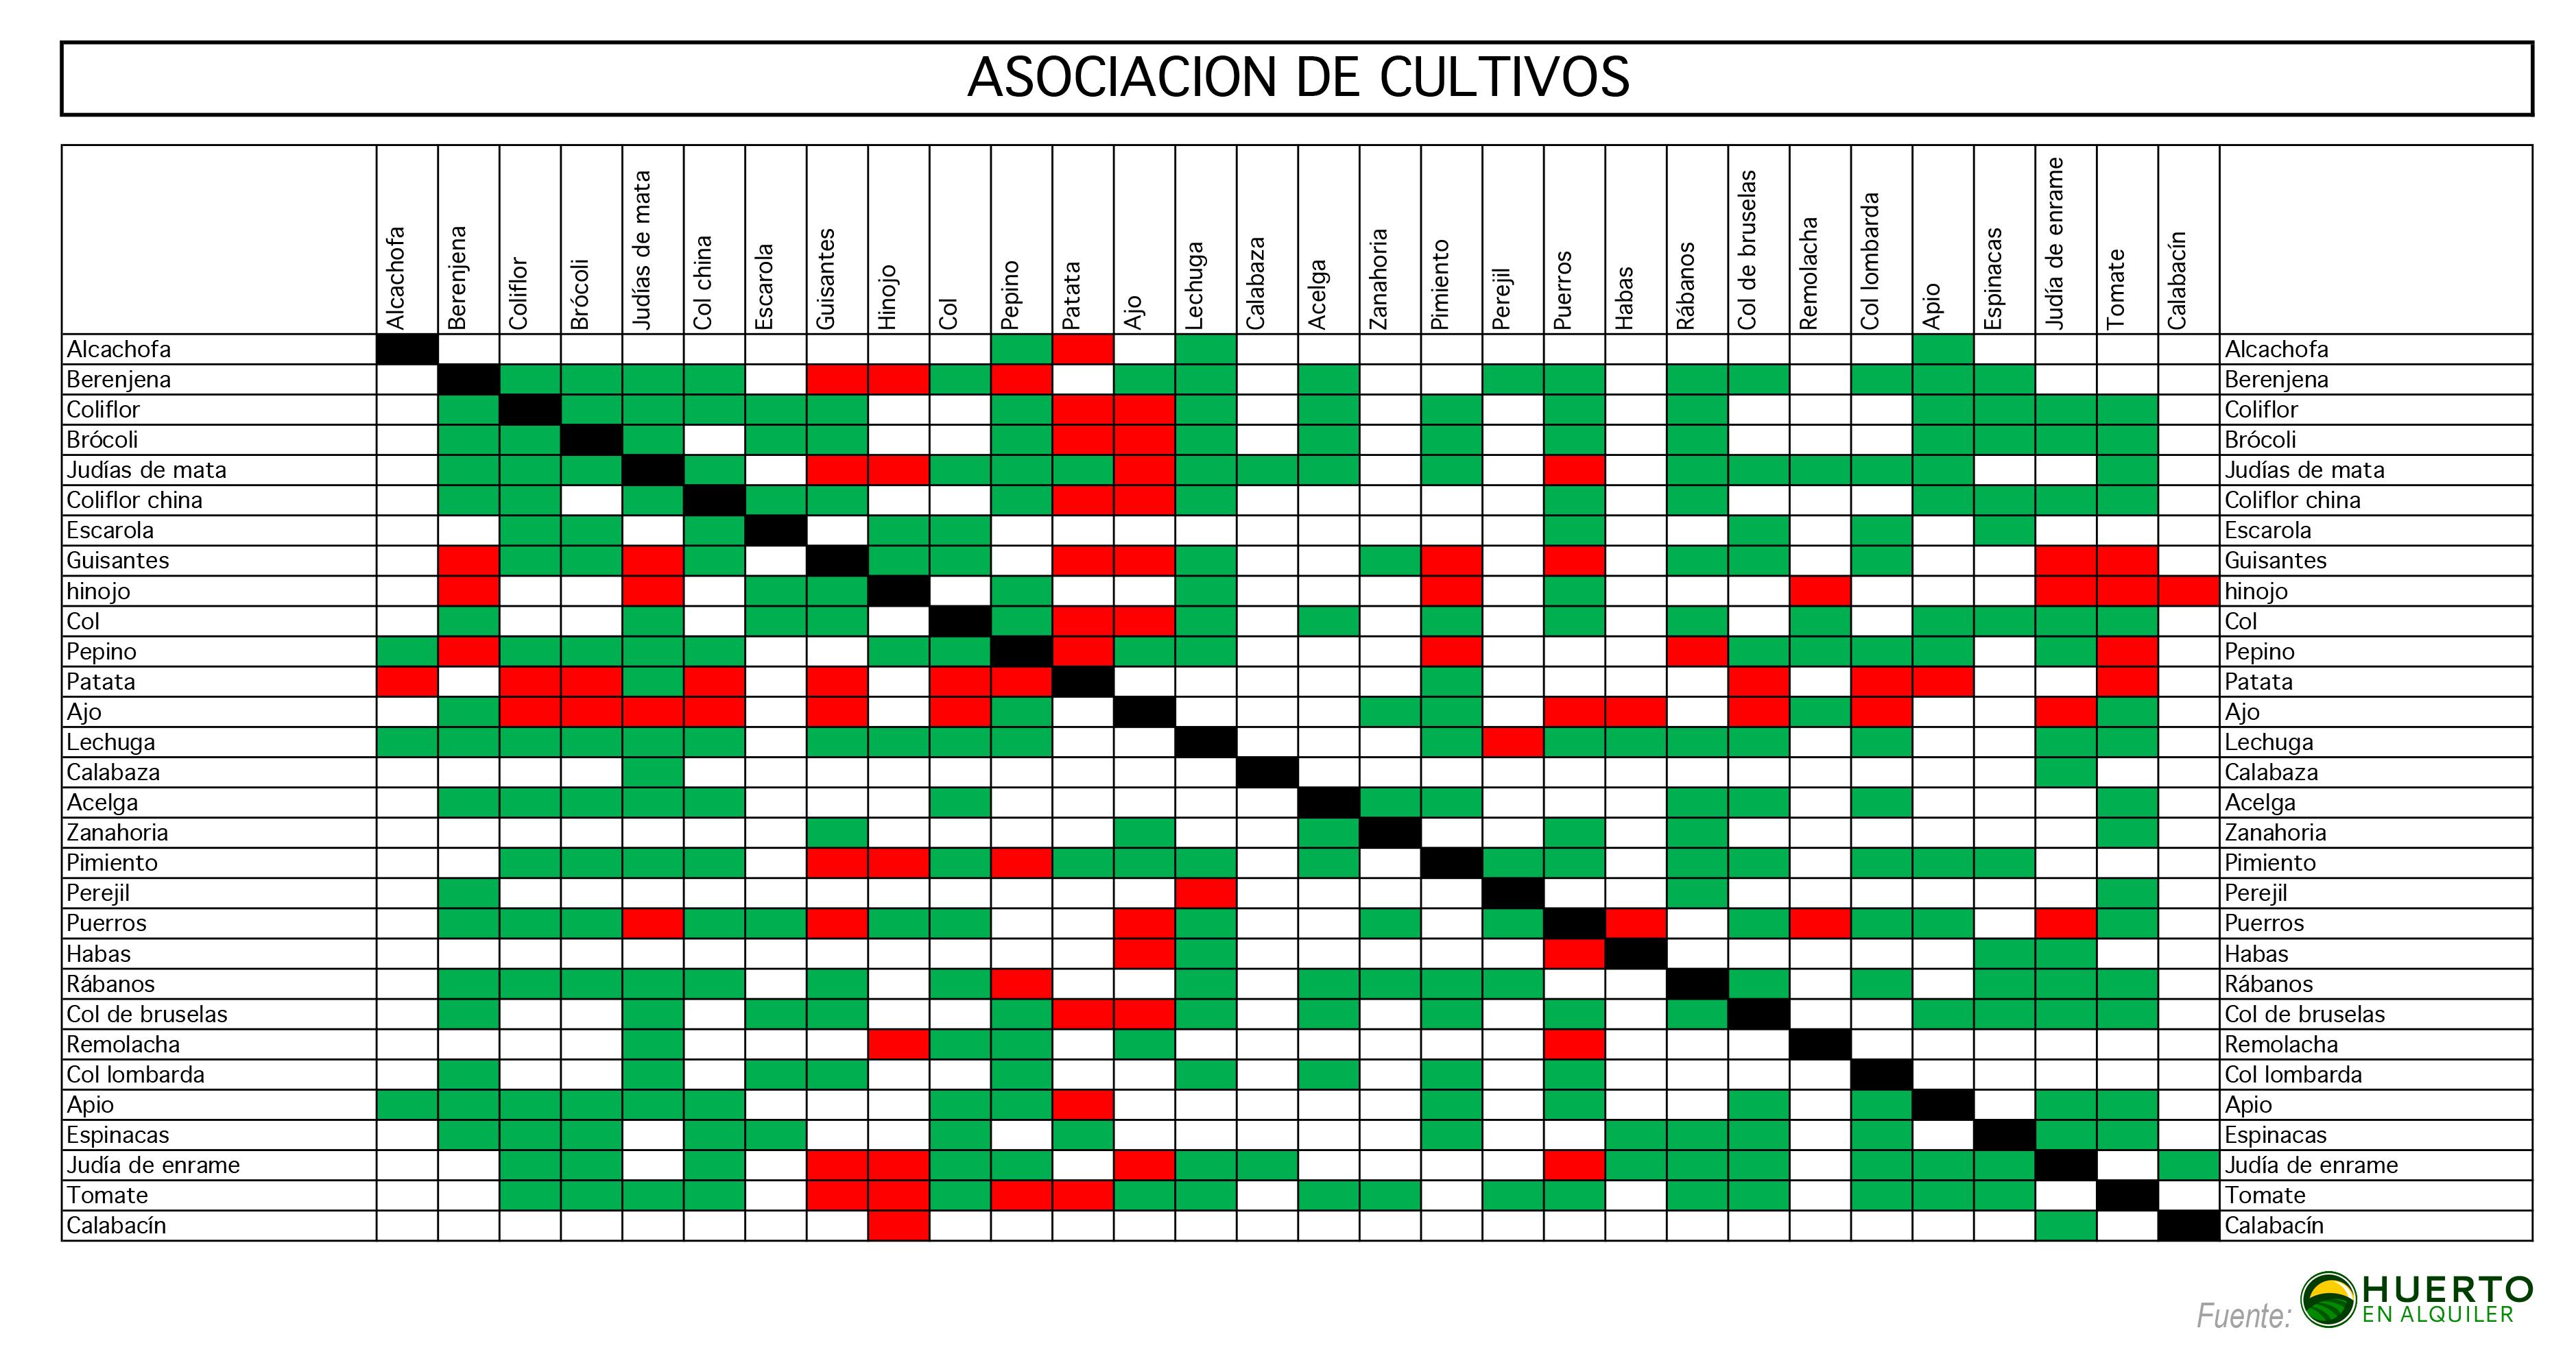 Asociaci n de cultivos for Asociacion de cultivos tomate